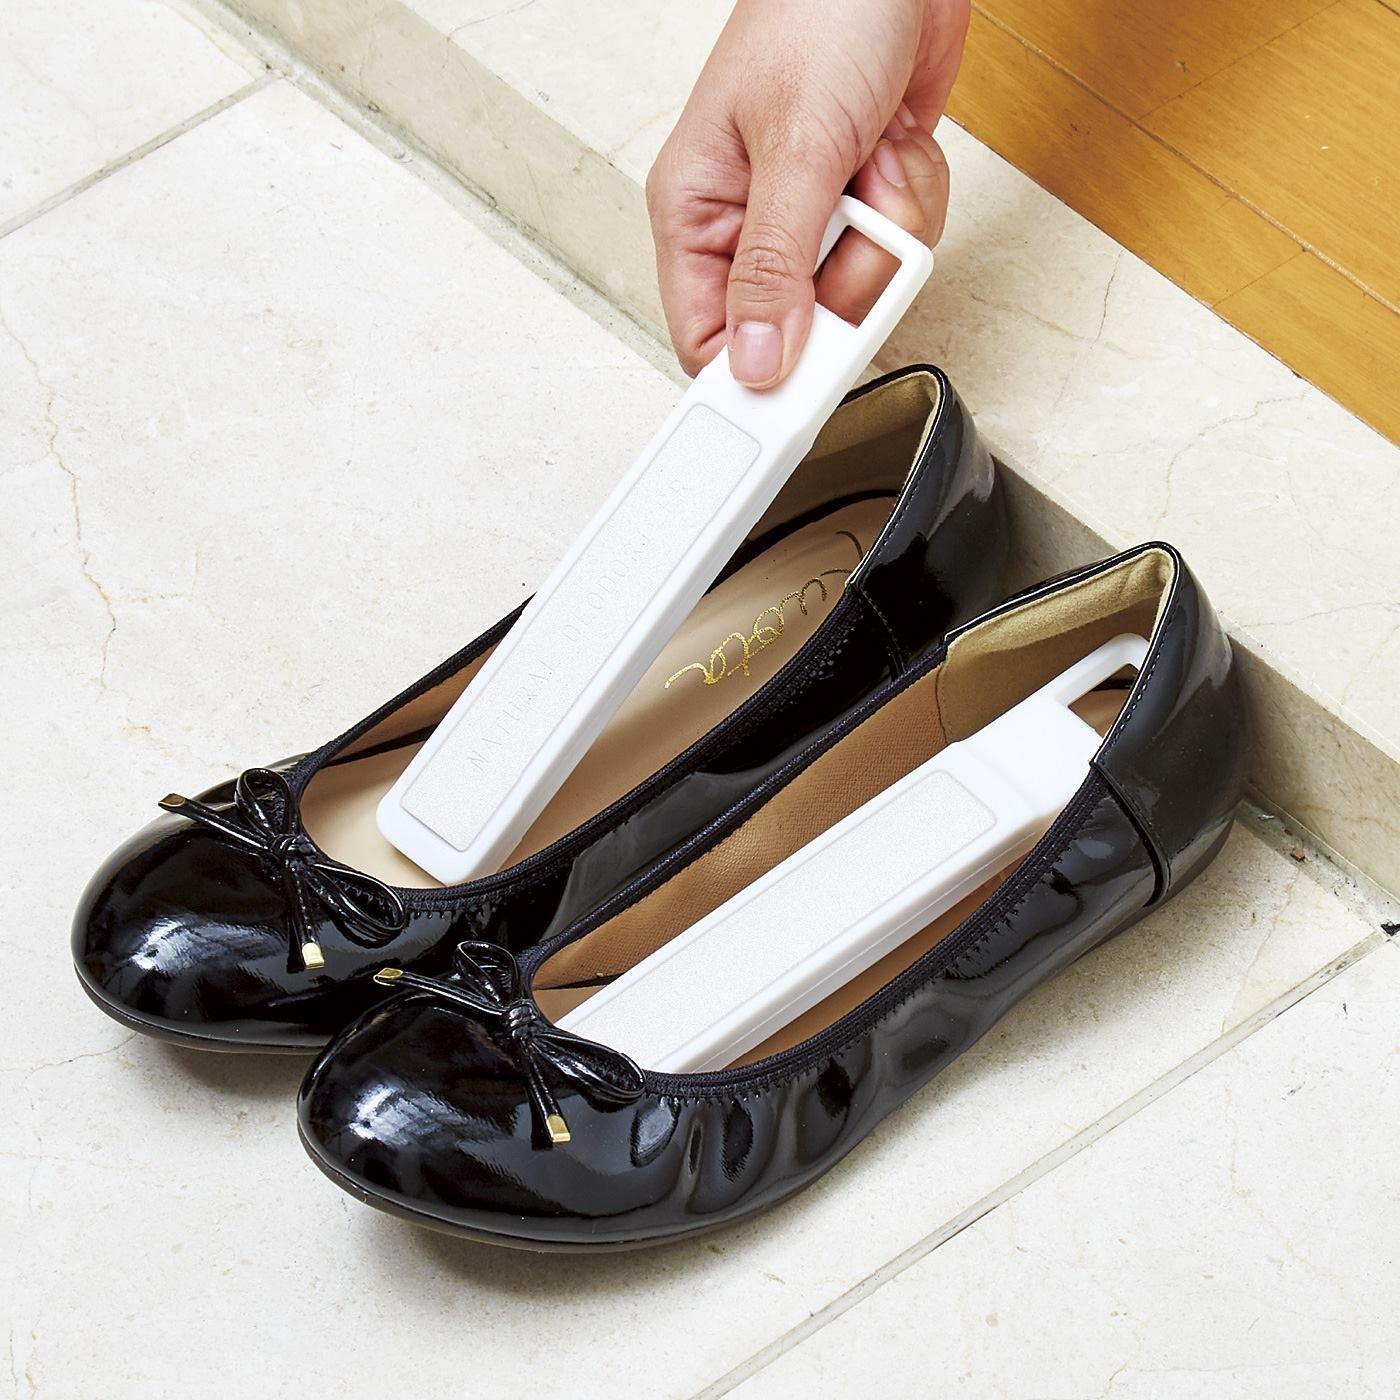 靴の湿気を毎日リセット 珪藻土スティック〈2本セット〉